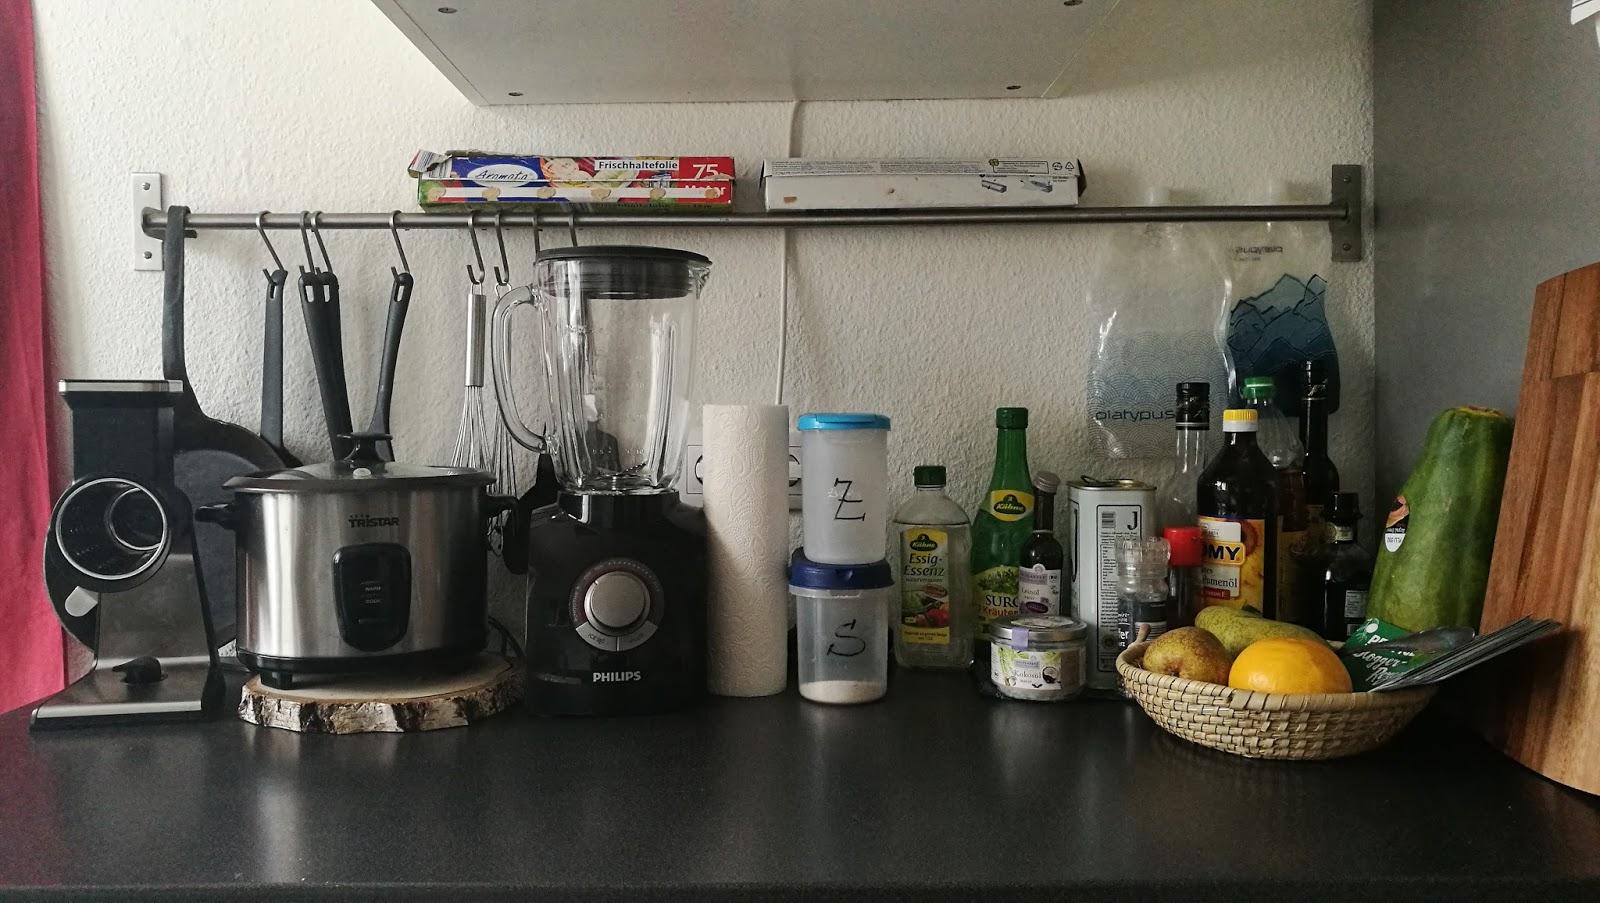 Full Size of Neue Ikea Kche Billige Küche Bank Singleküche Mit Kühlschrank Vorhänge Ausstellungsküche Blende Landhausküche Grau Modulküche Elektrogeräten Günstig Wohnzimmer Mobile Küche Ikea